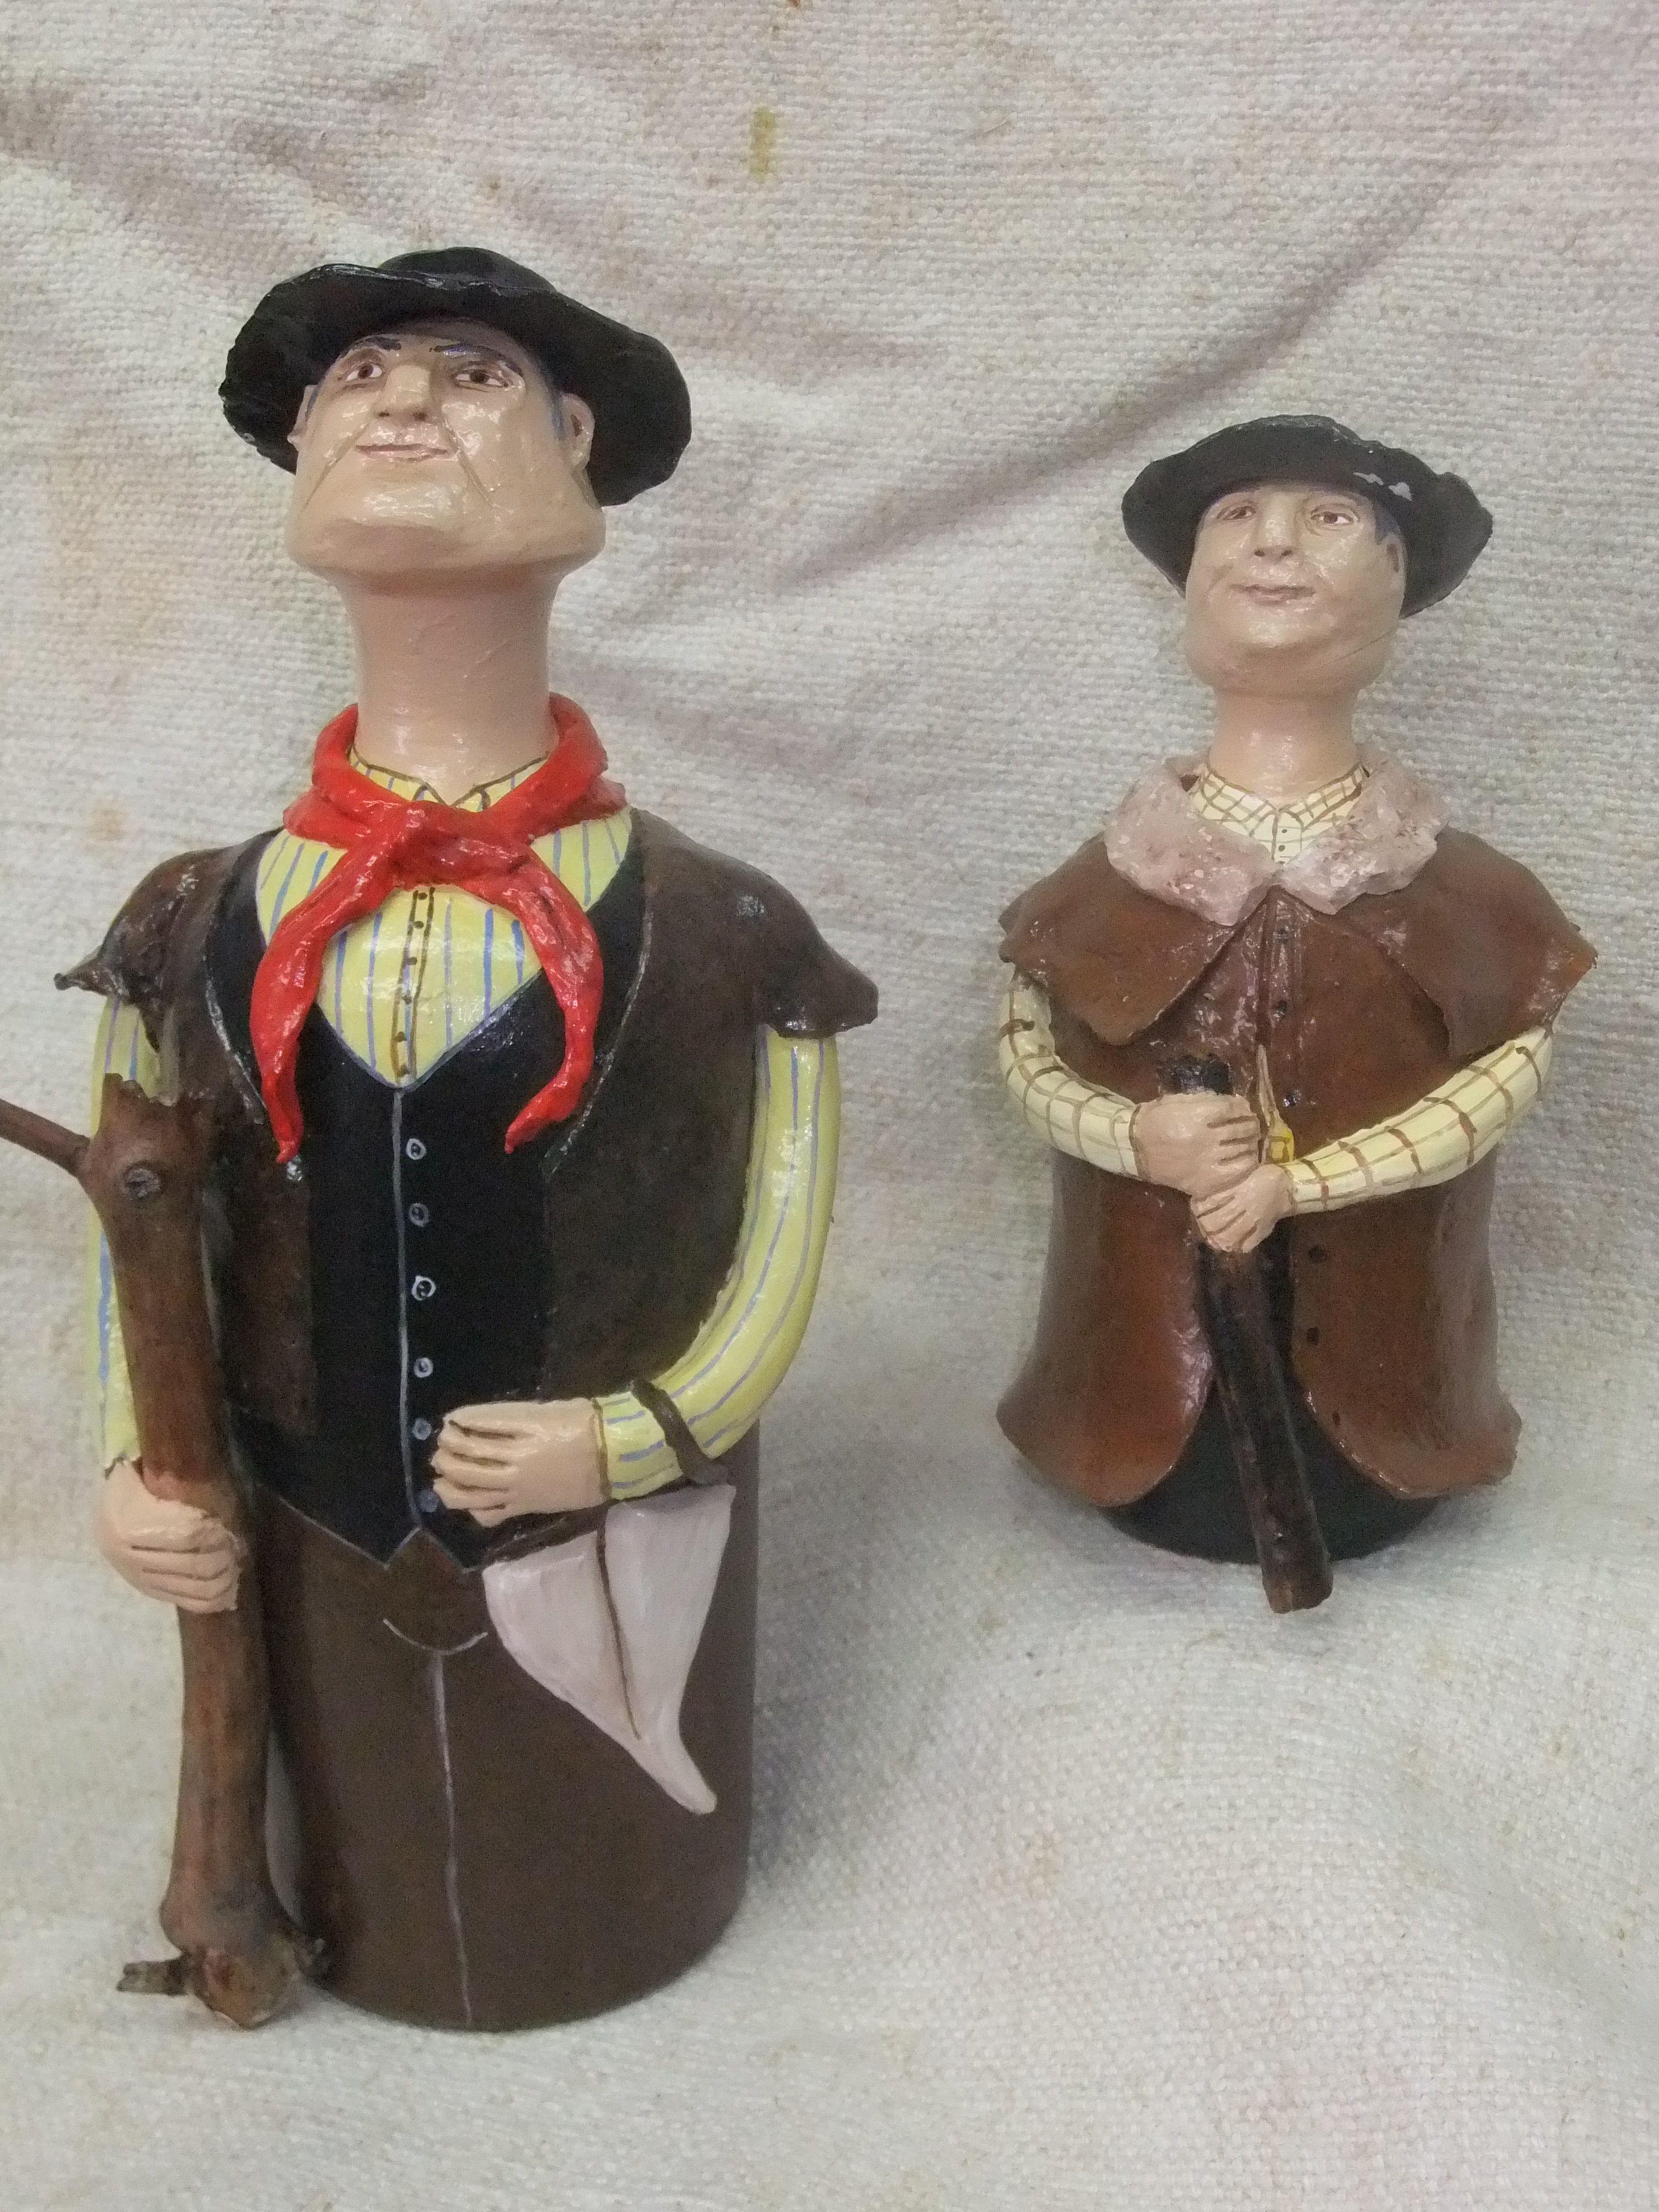 alentejanos em barro com seus trajes tradicionais.